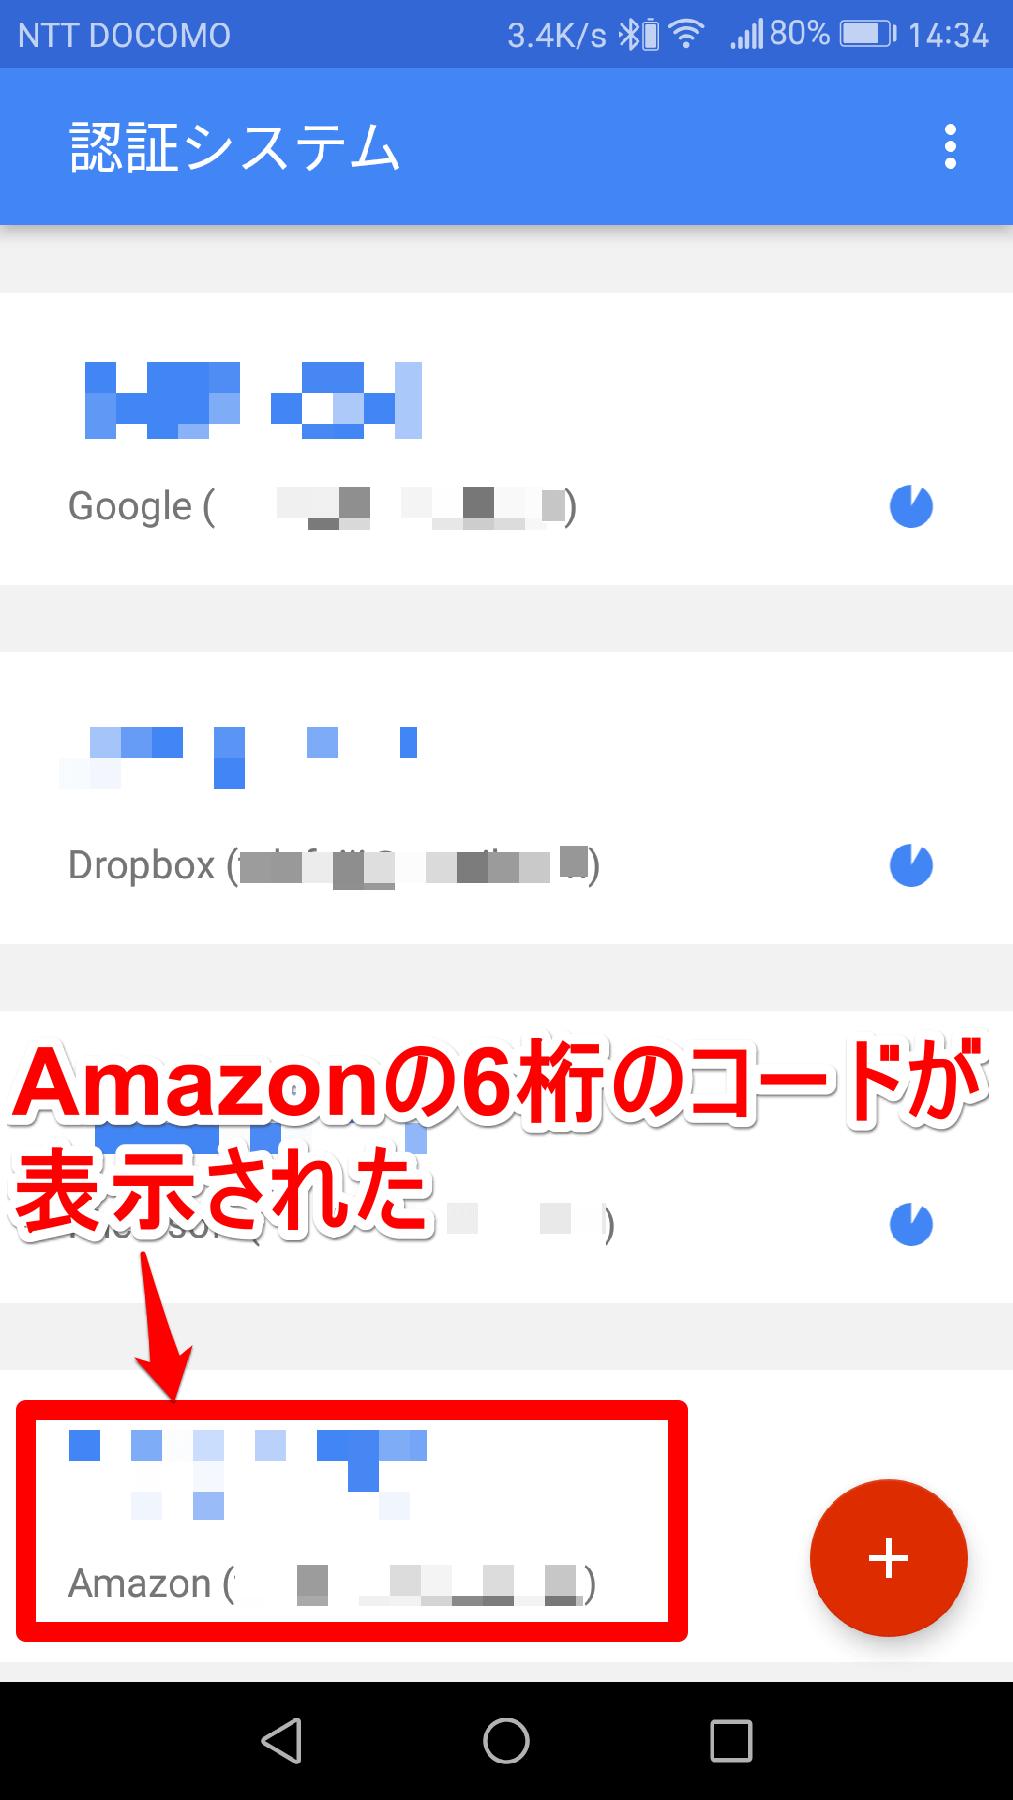 グーグルの二段階認証ページの6桁コード表示画面